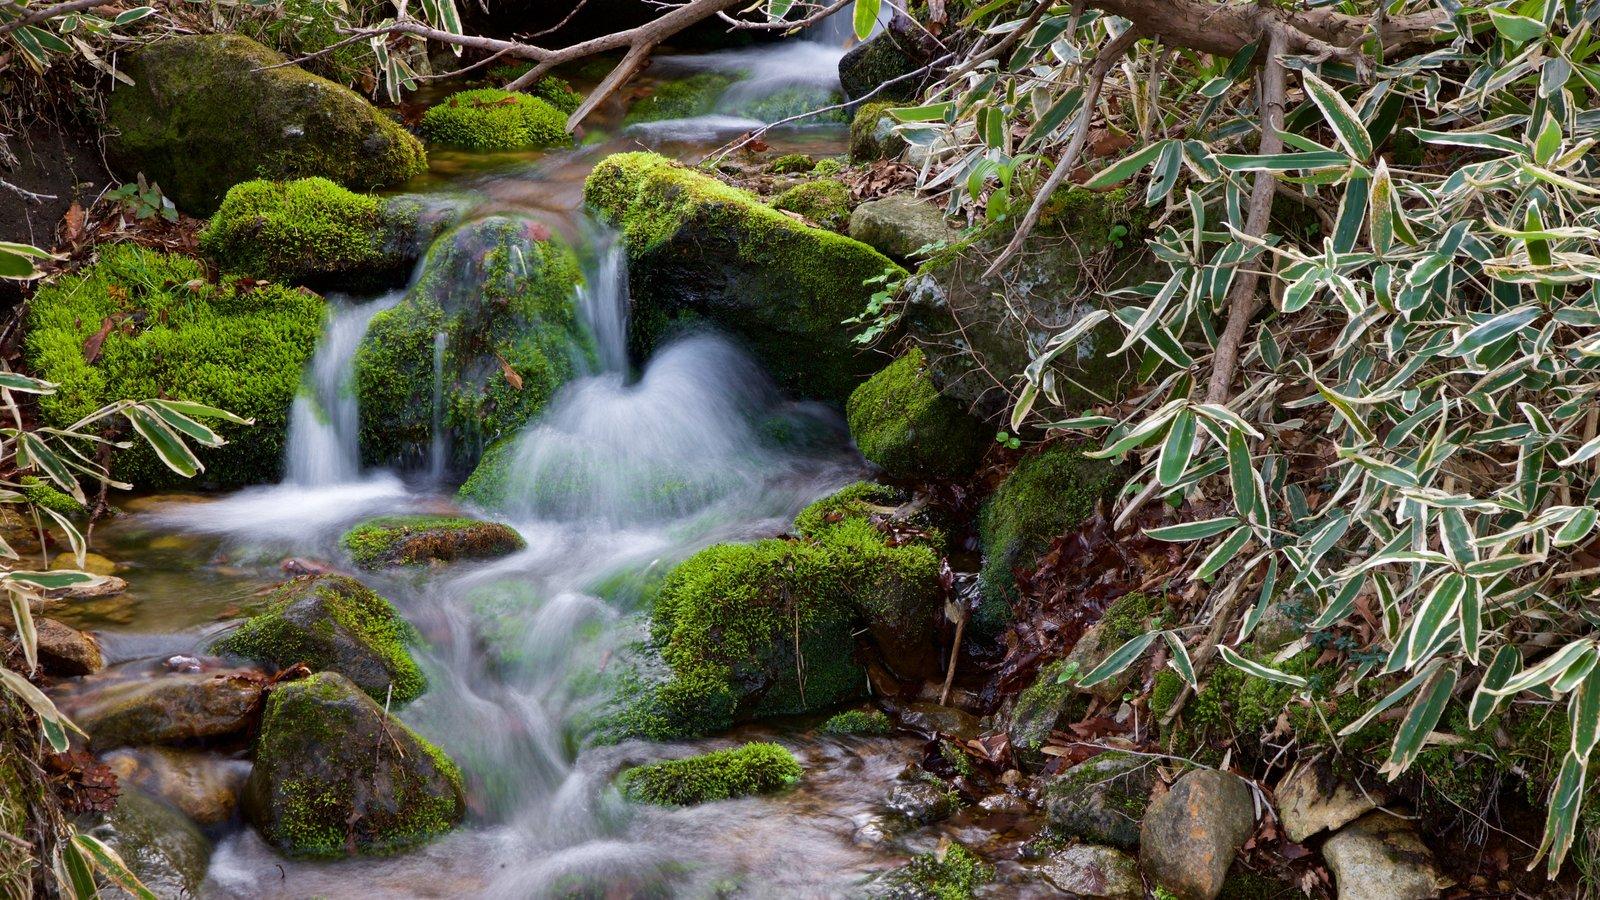 Parque Nacional de Hallasan mostrando un río o arroyo